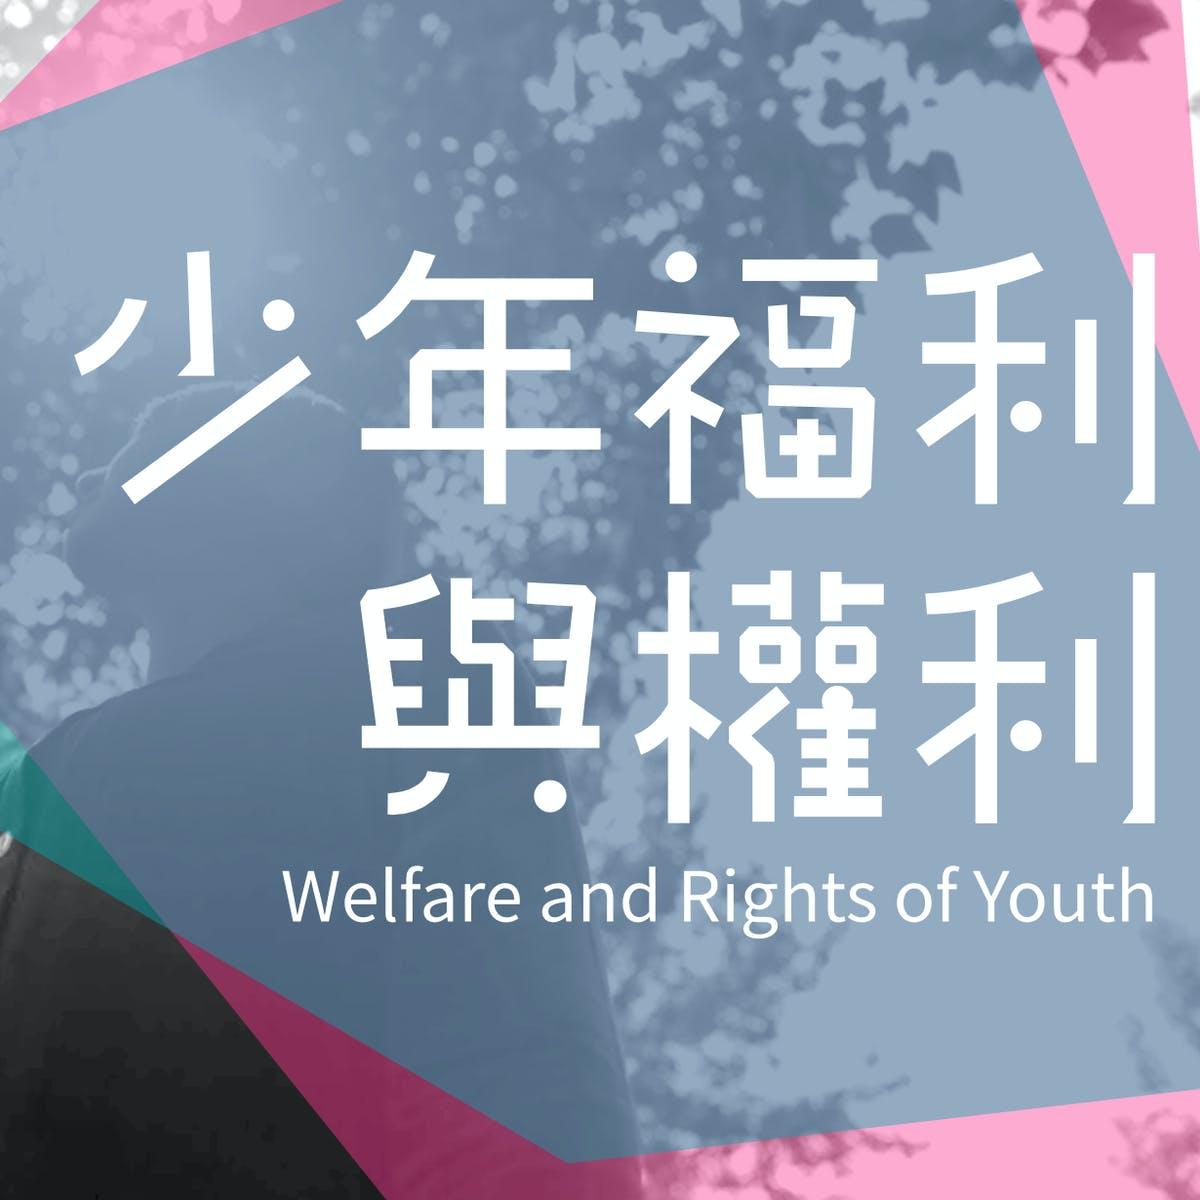 少年福利與權利 (Welfare and Rights of Youth)